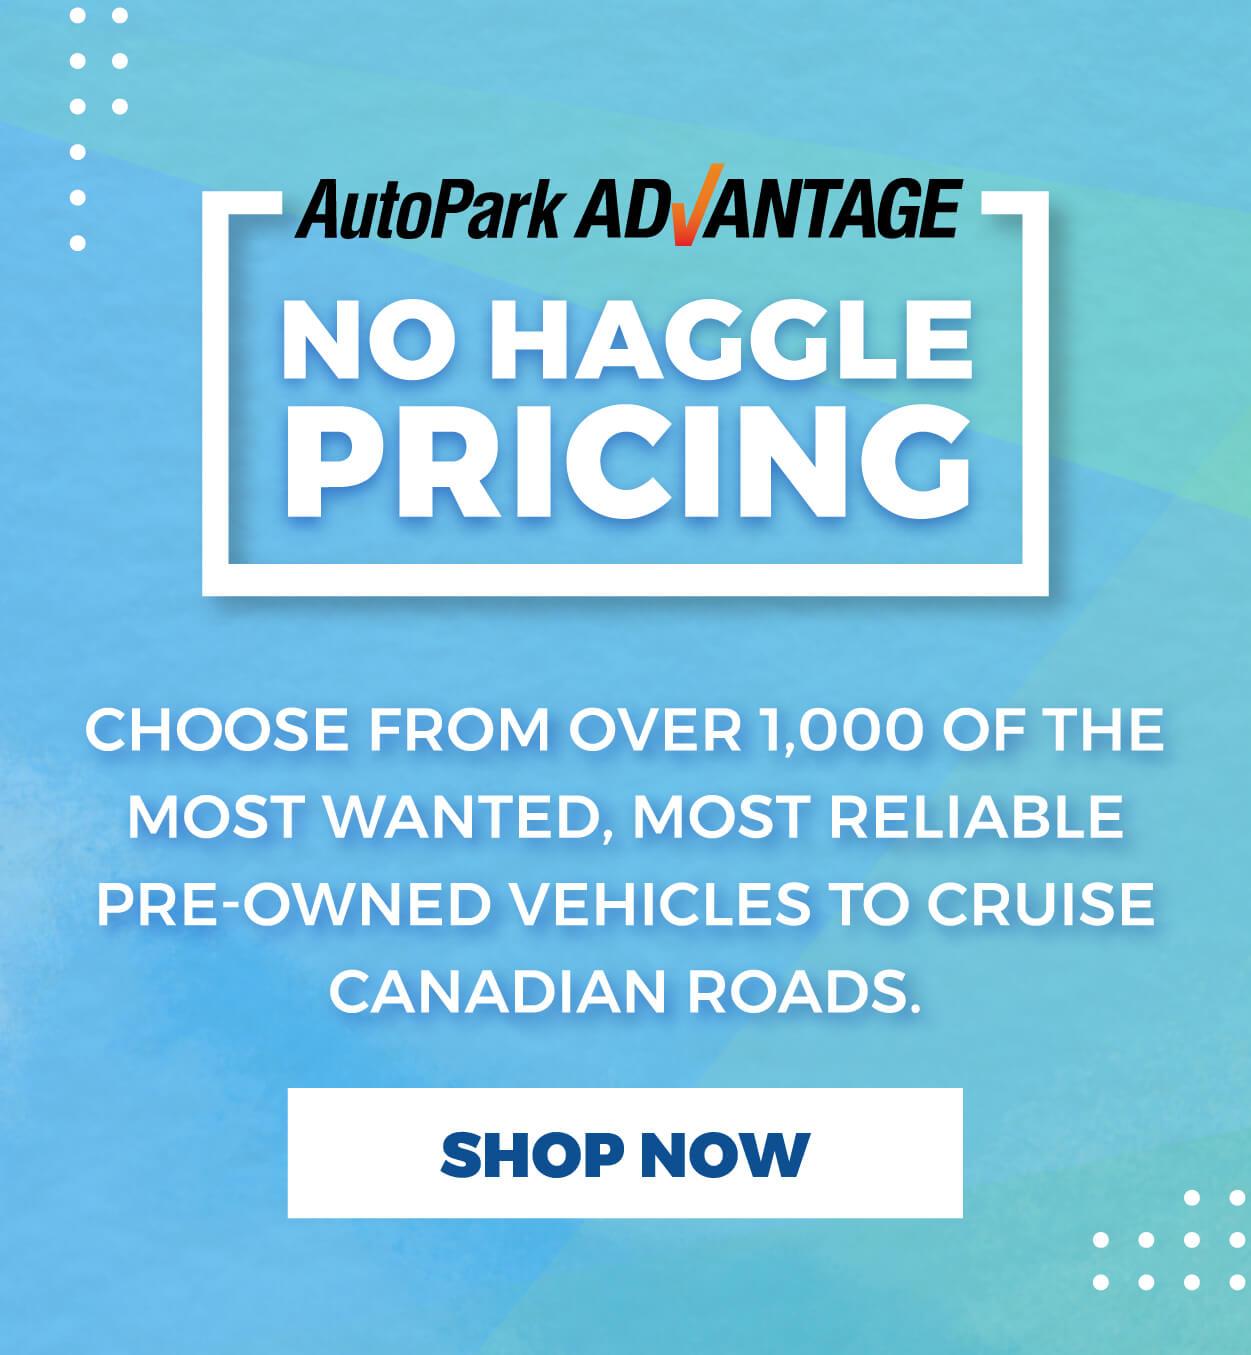 AutoPark - No Haggle Pricing